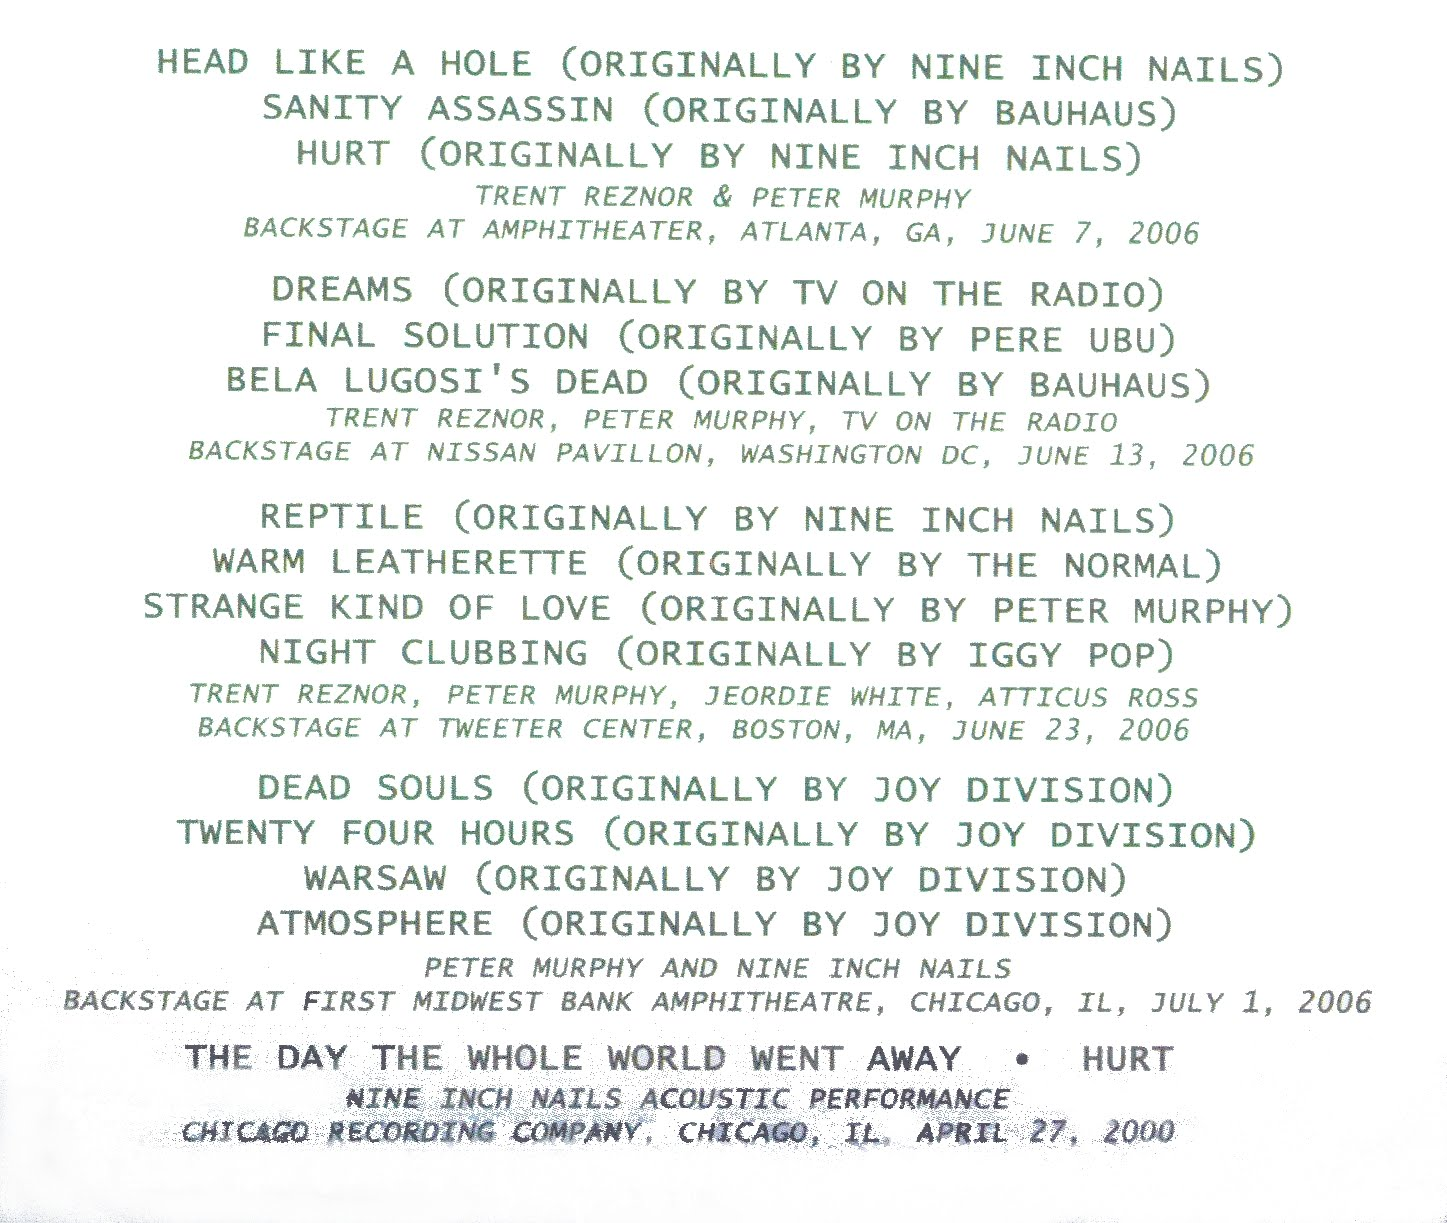 Nine Inch Nails Lyrics Tumblr images